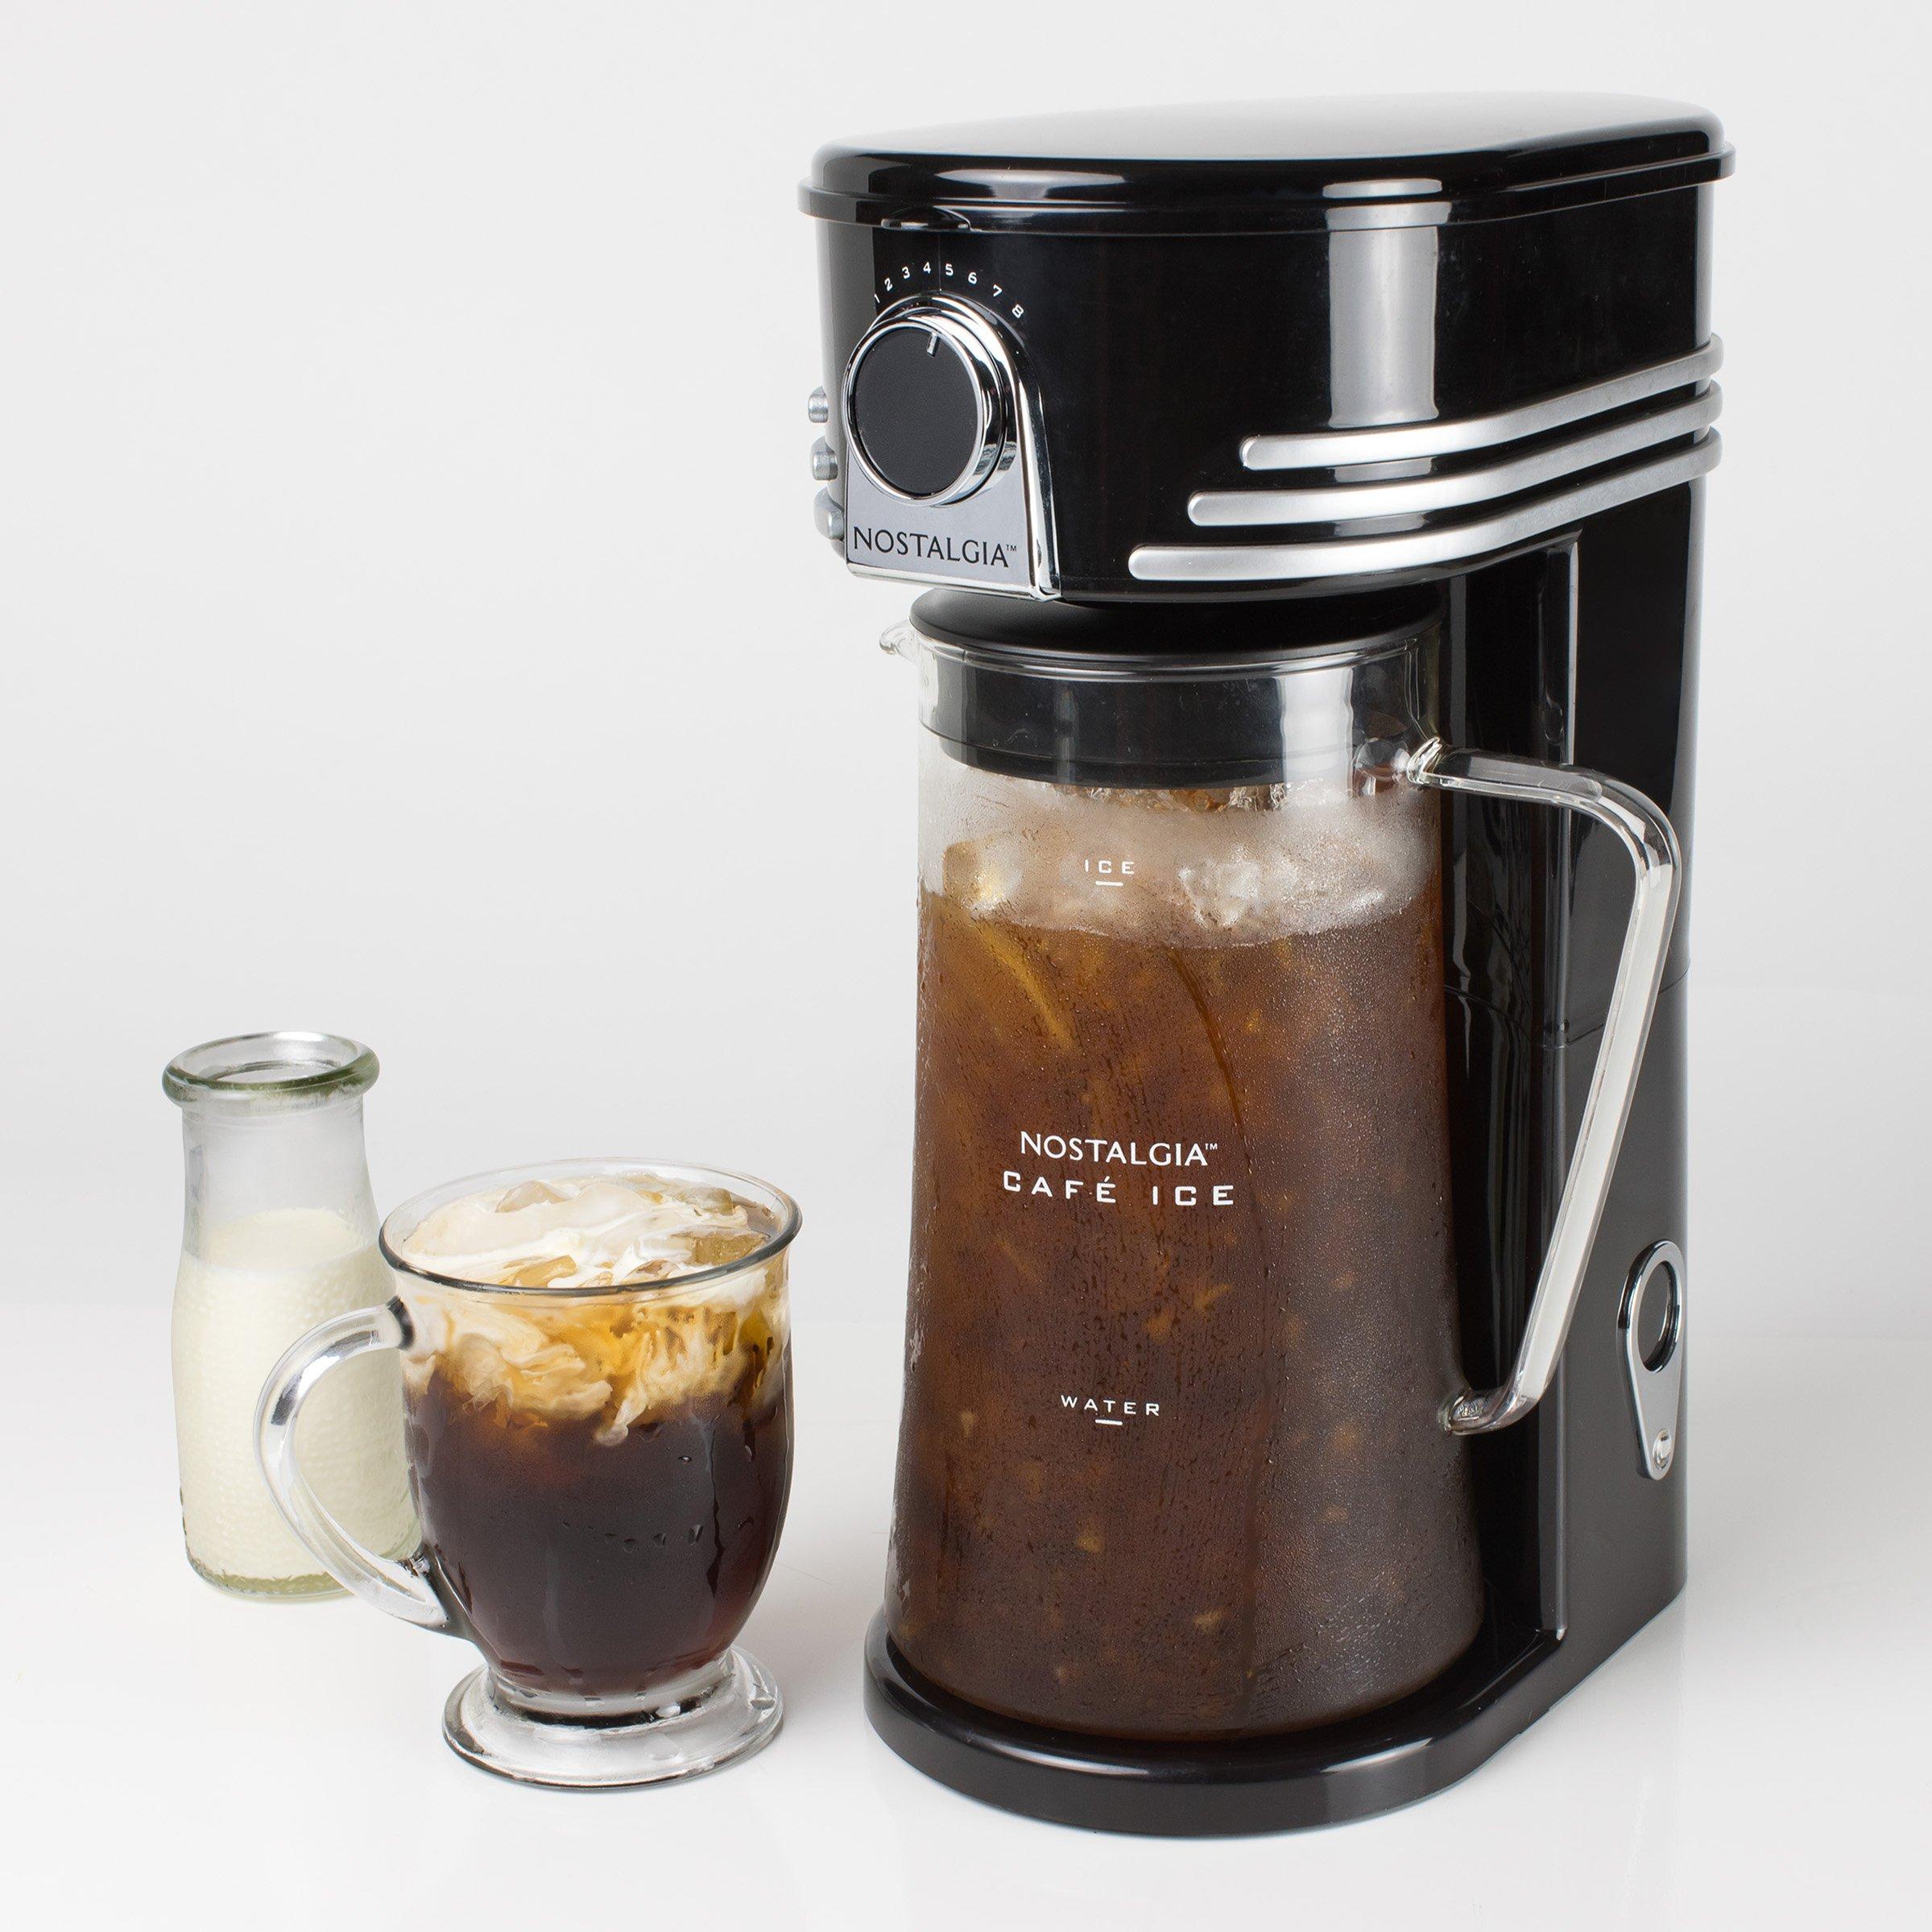 Nostalgia CI3BK Café Ice 3-Quart Iced Coffee & Tea Brewing System by Nostalgia (Image #4)